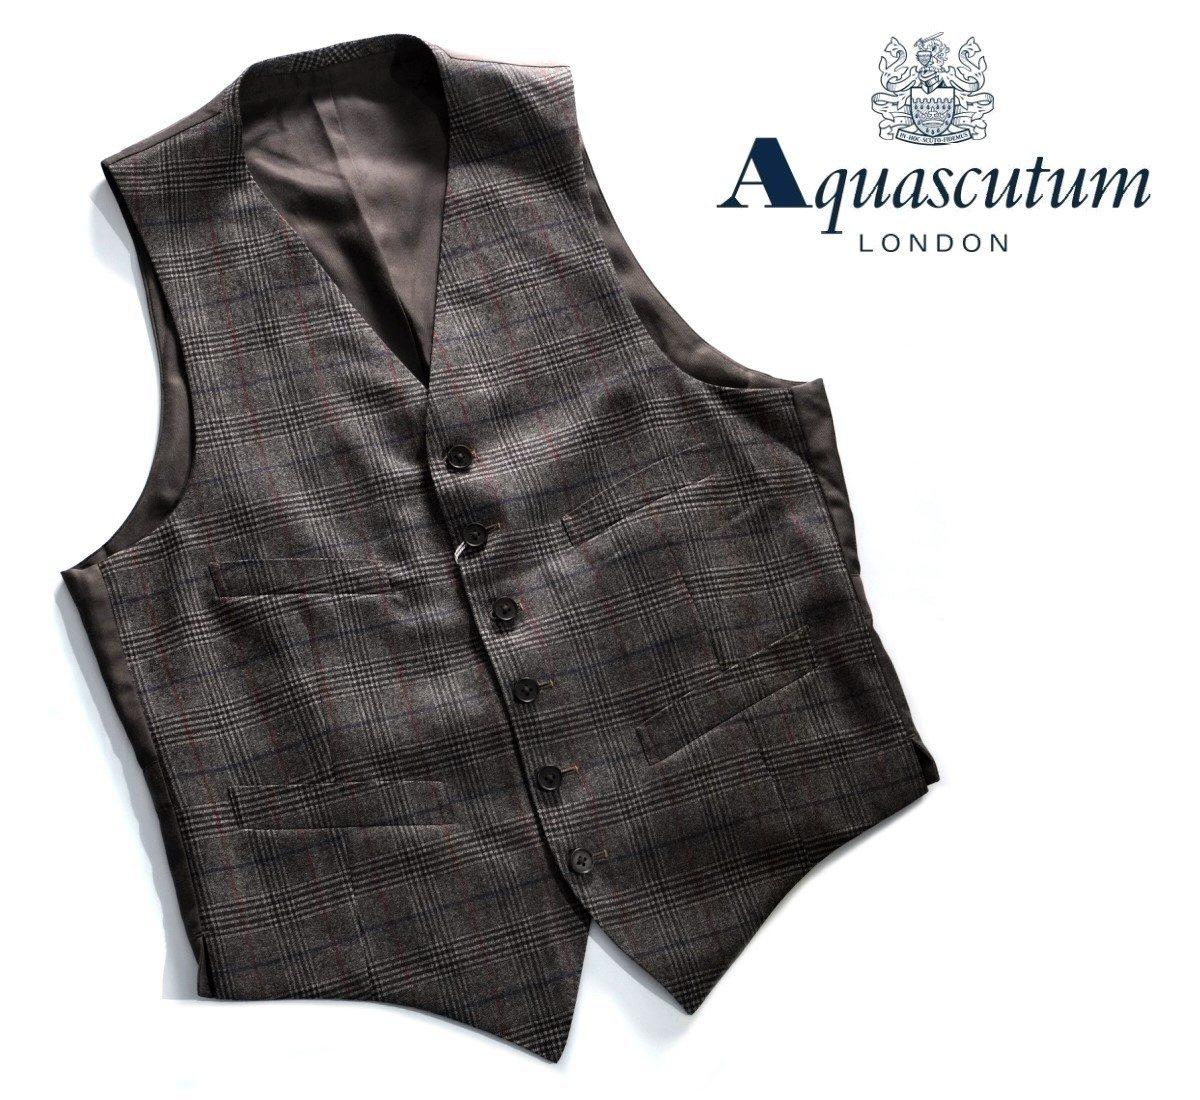 Aquascutum【アクアスキュータム】定価44,000円(税込)◆50%OFF◆日本製ウールベスト・ジレチェック柄